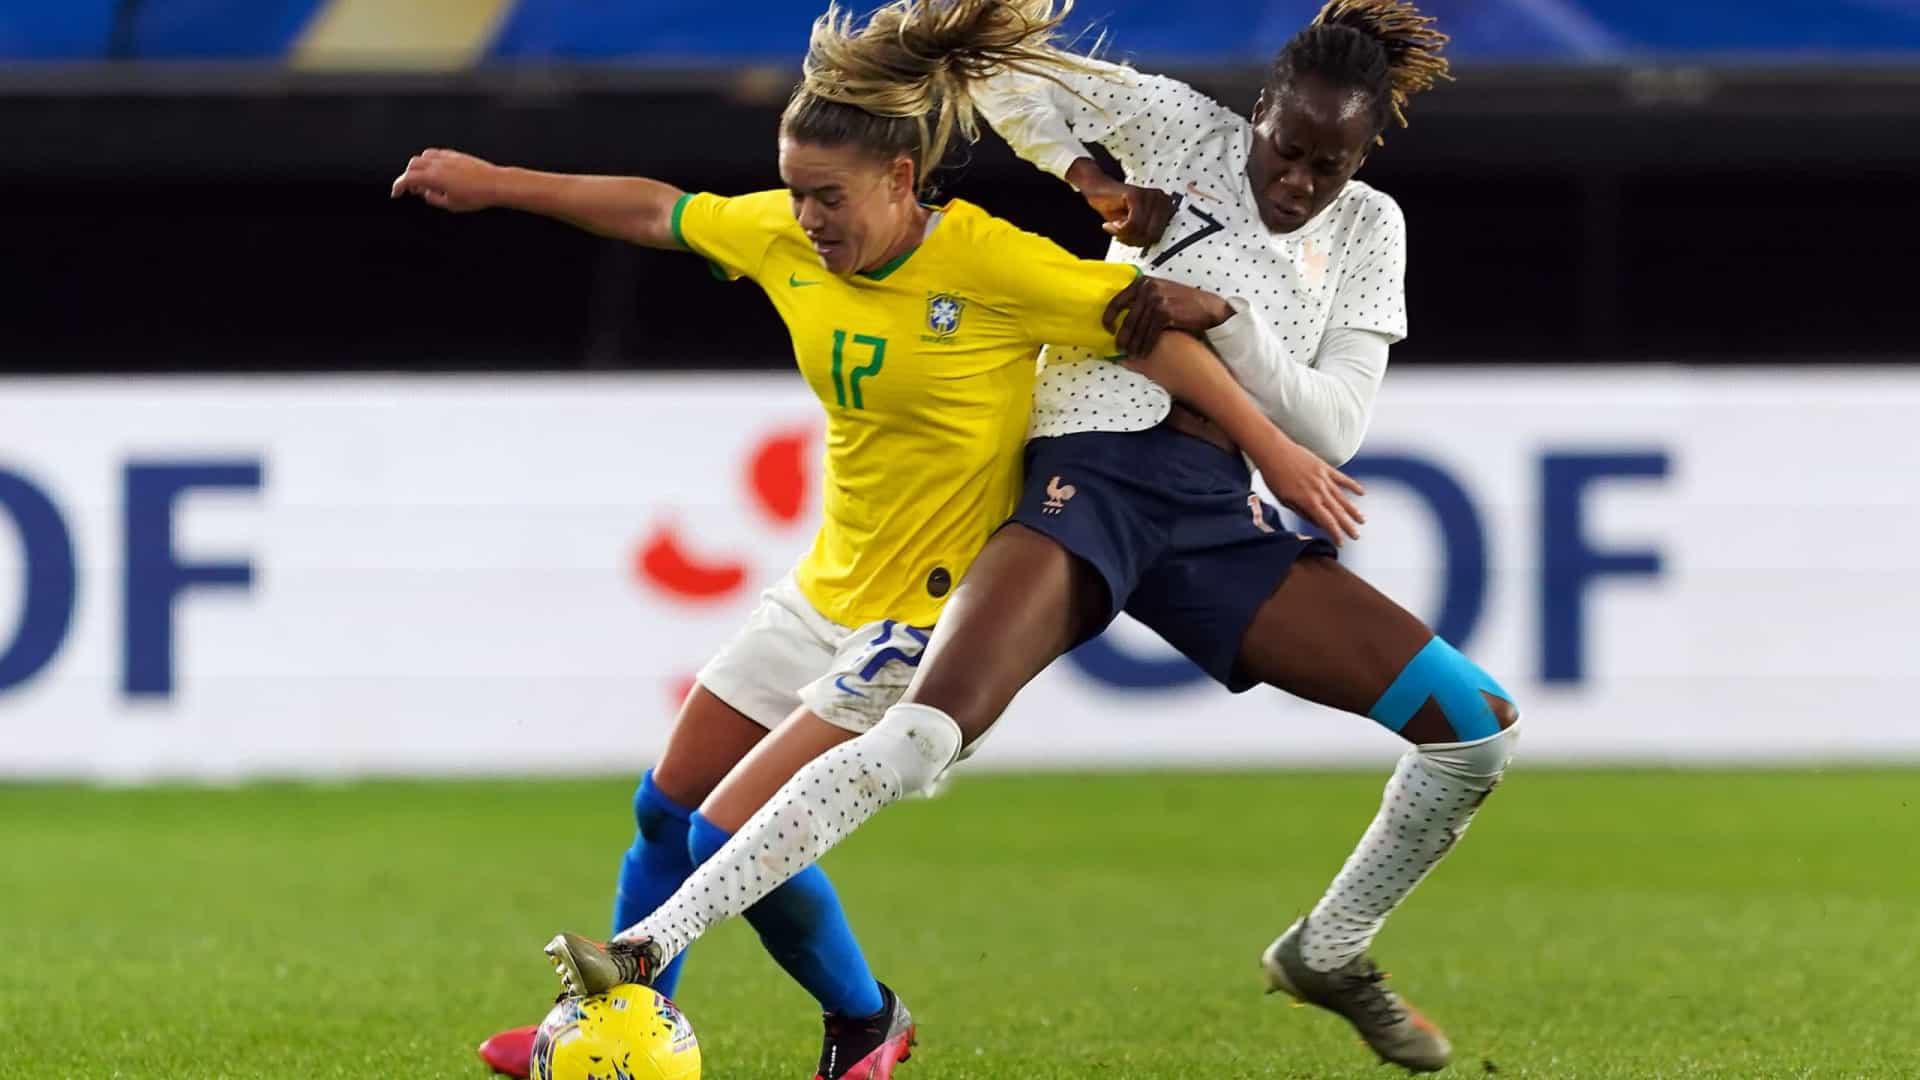 Seleção brasileira feminina bate a Rússia com facilidade em amistoso na Espanha